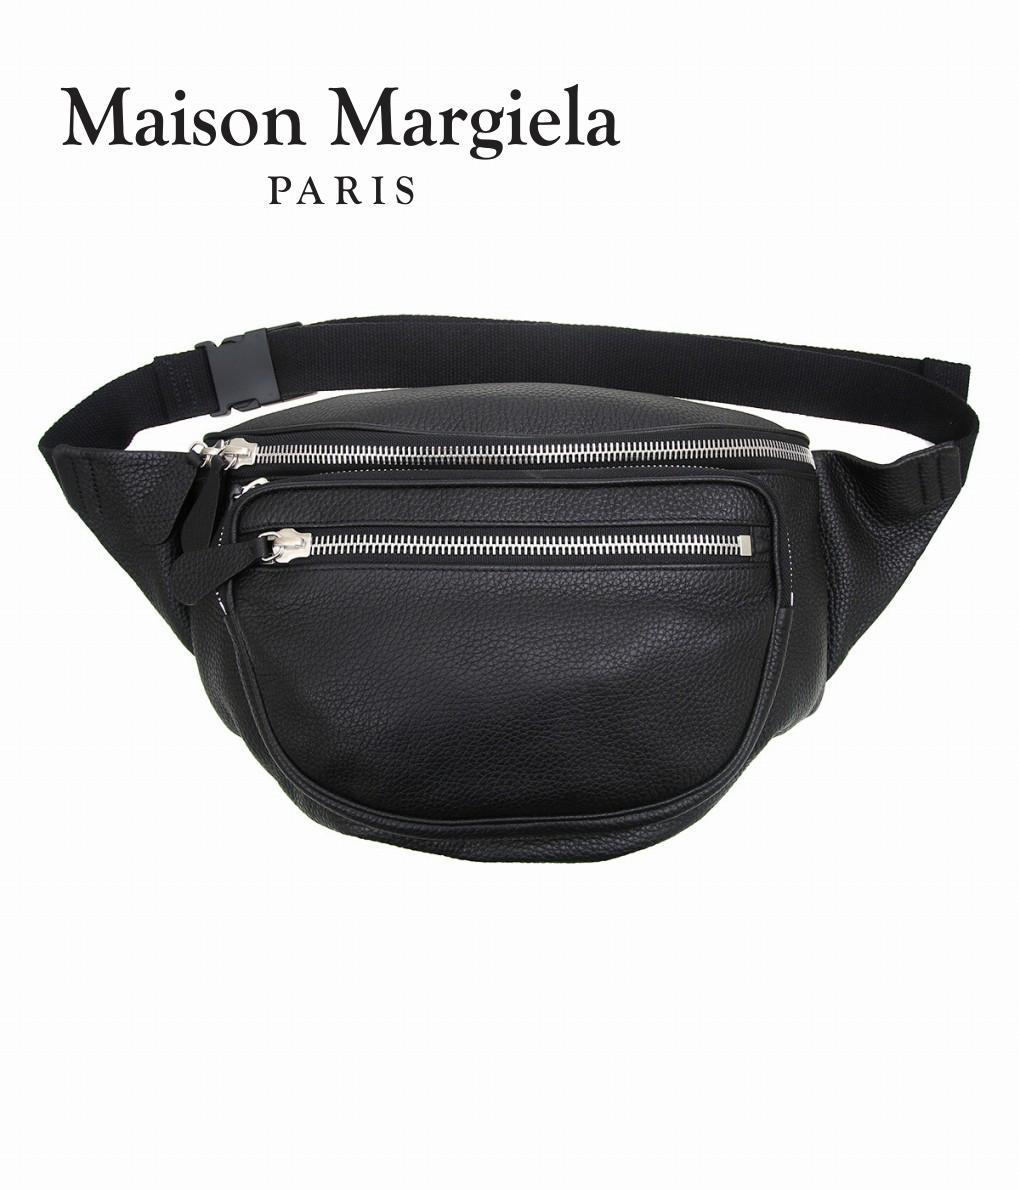 Maison Margiela / メゾン マルジェラ : LEATHER WAIST BAG : ウエストバッグ レザーウエストバッグ バッグ レザーバッグ : S70WB0001 【RIP】